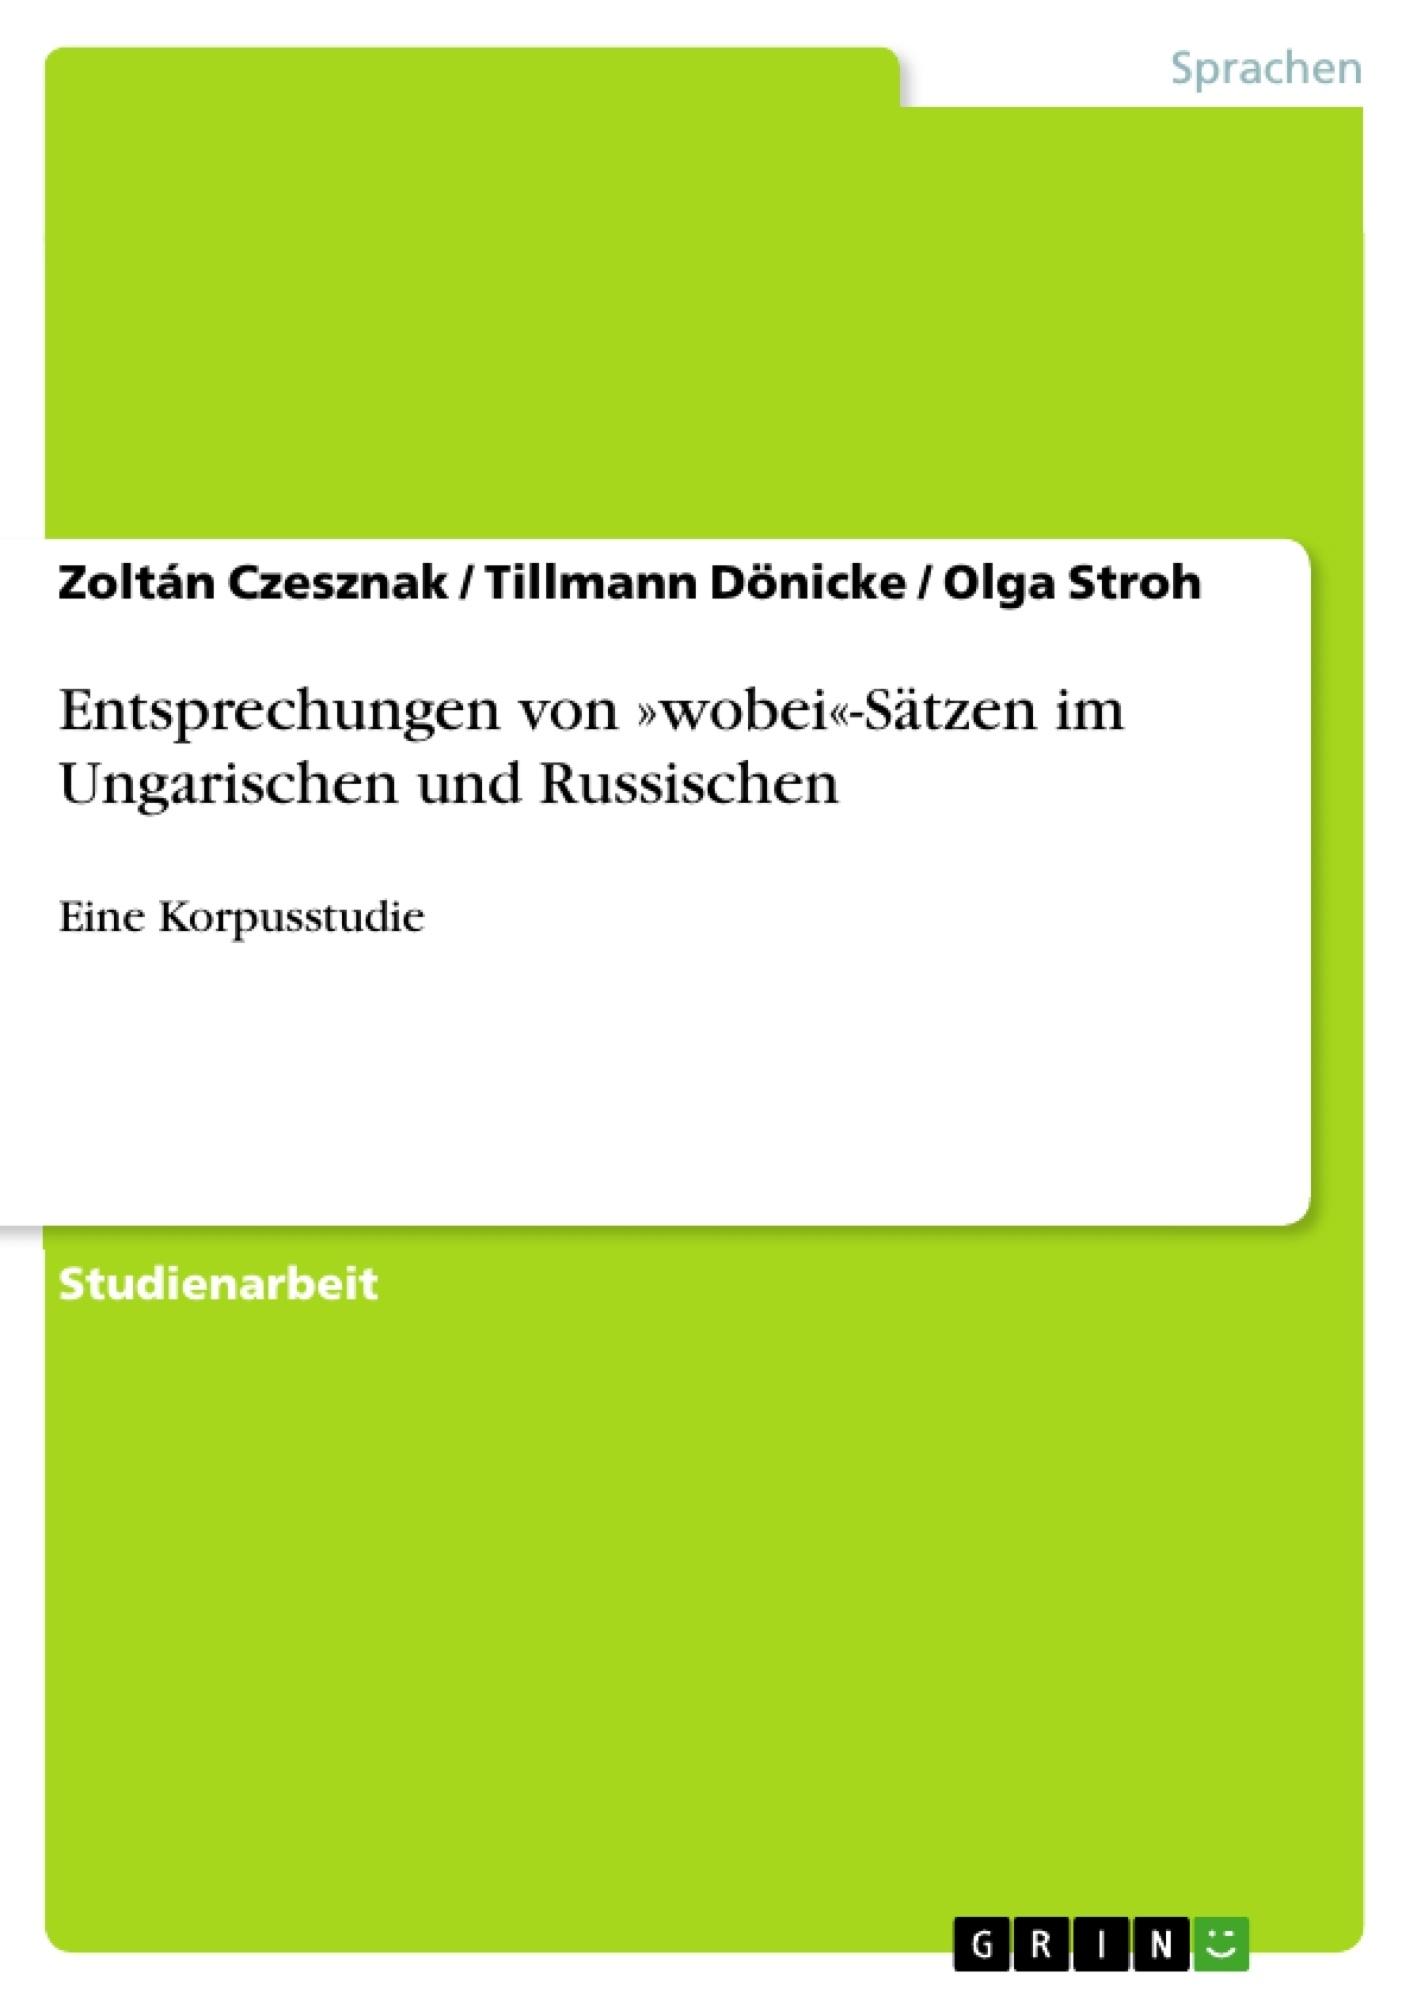 Titel: Entsprechungen von »wobei«-Sätzen im Ungarischen und Russischen